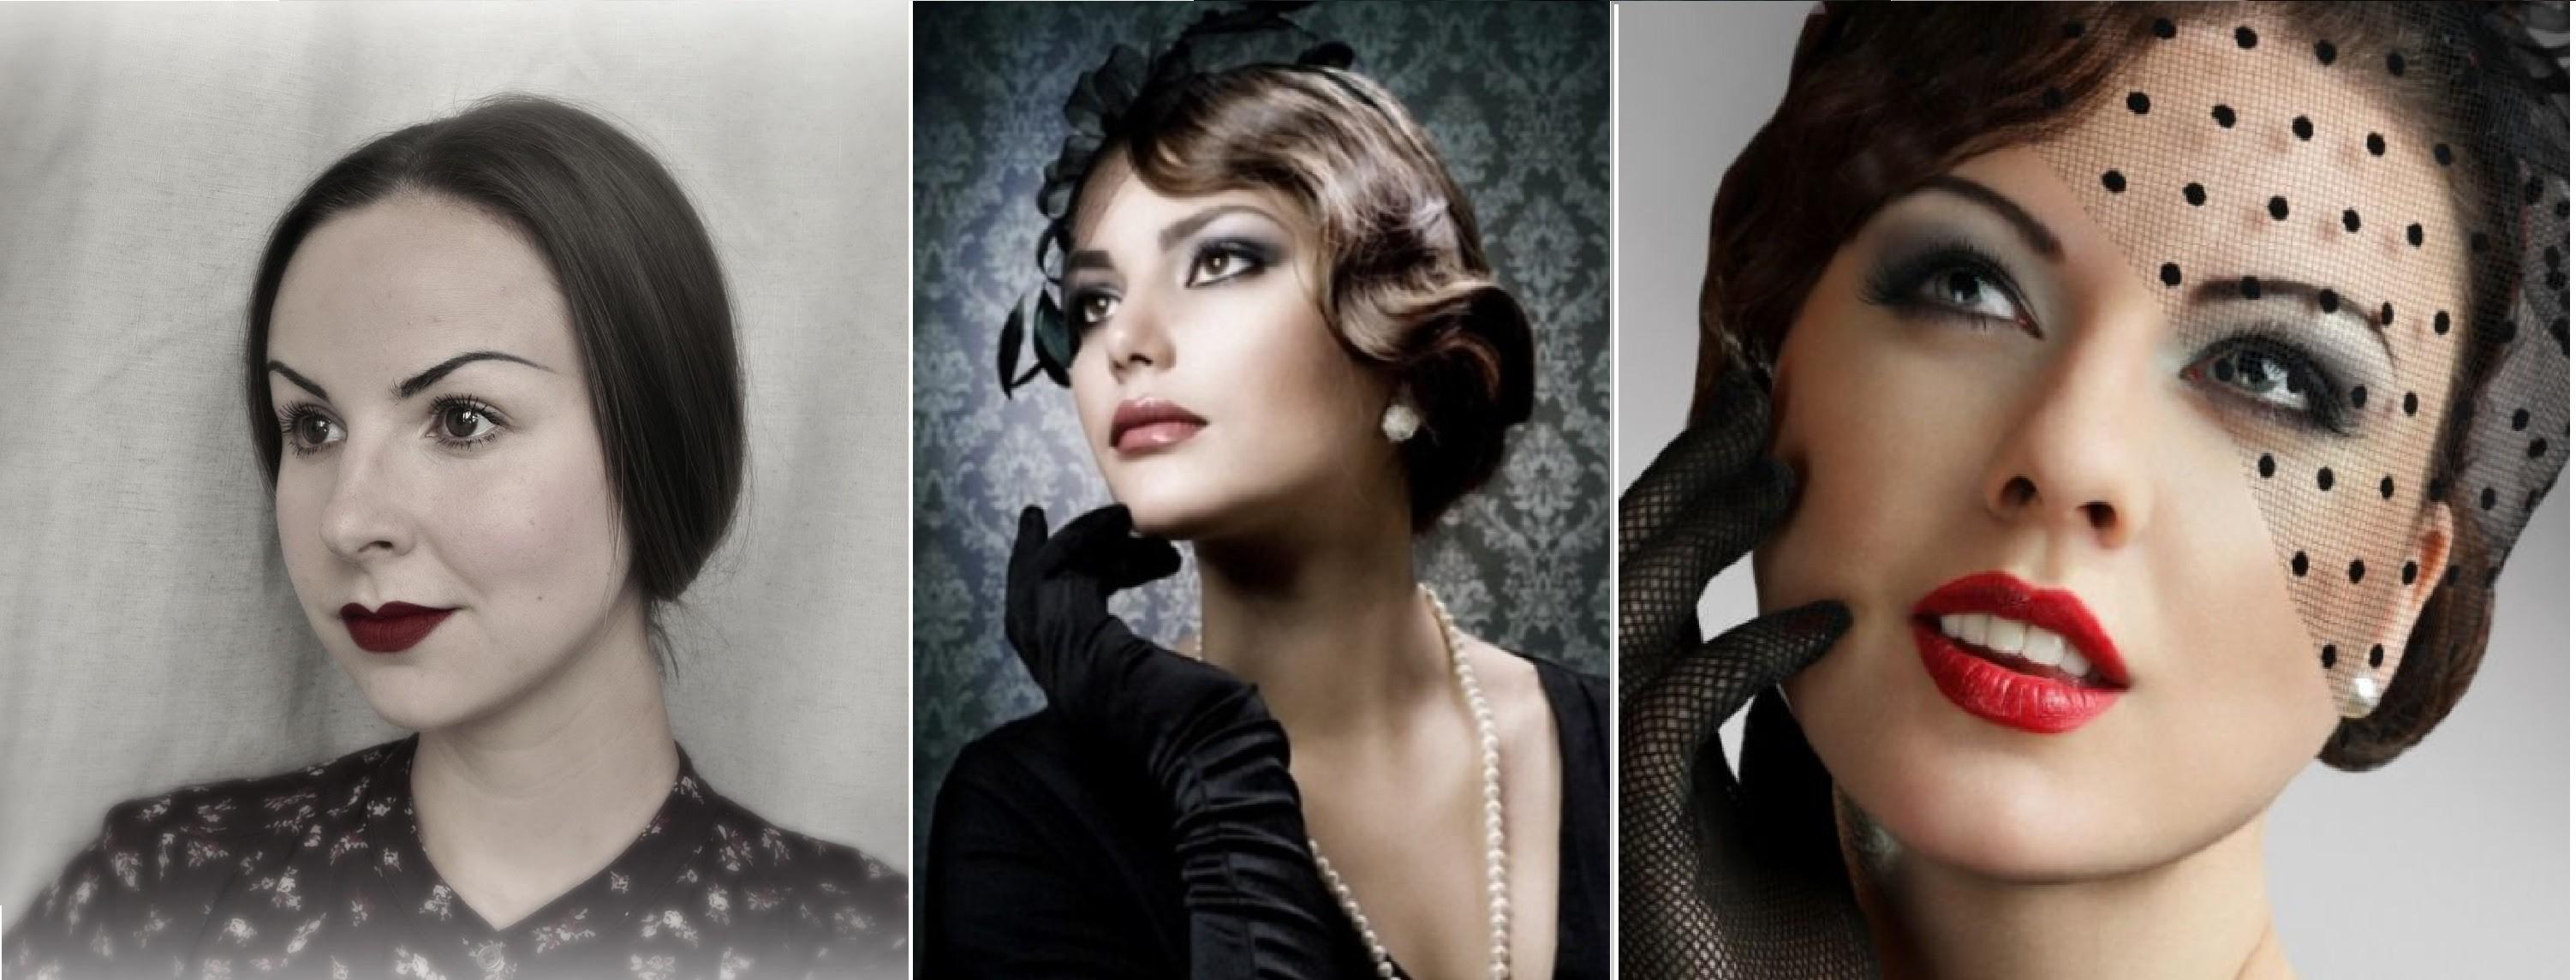 Современные образы в стиле 30-х годов